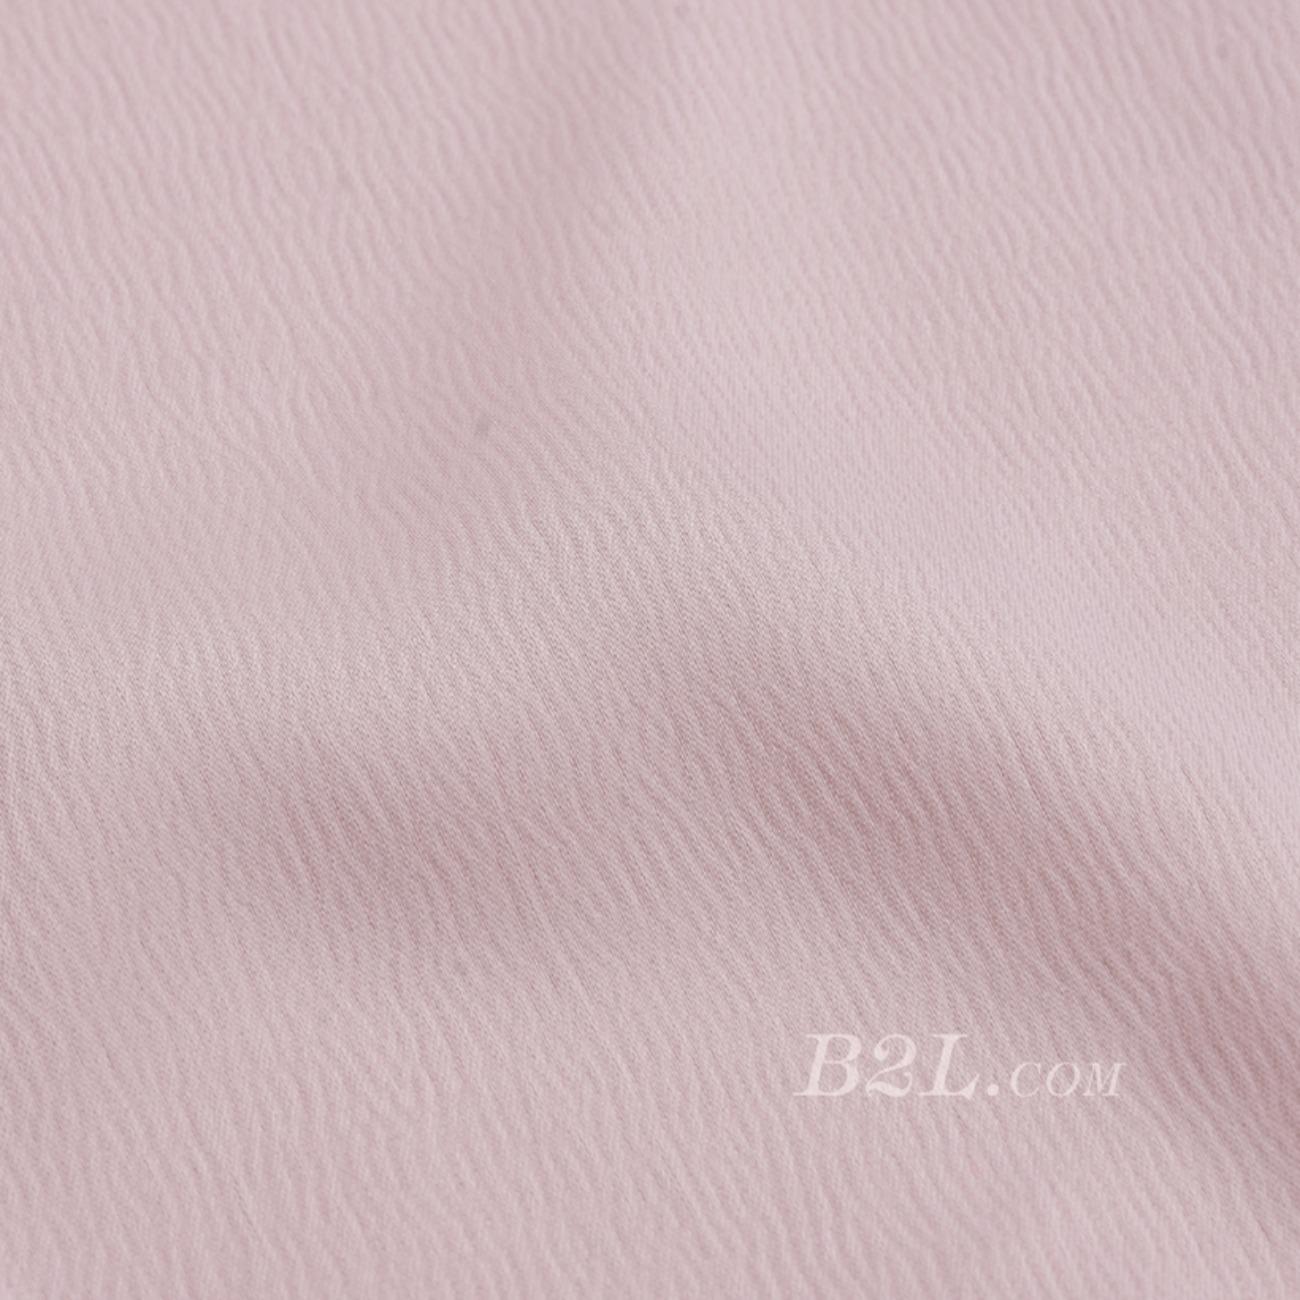 素色 梭织 染色 全涤 低弹 春秋 外套 连衣裙 女装 80805-12